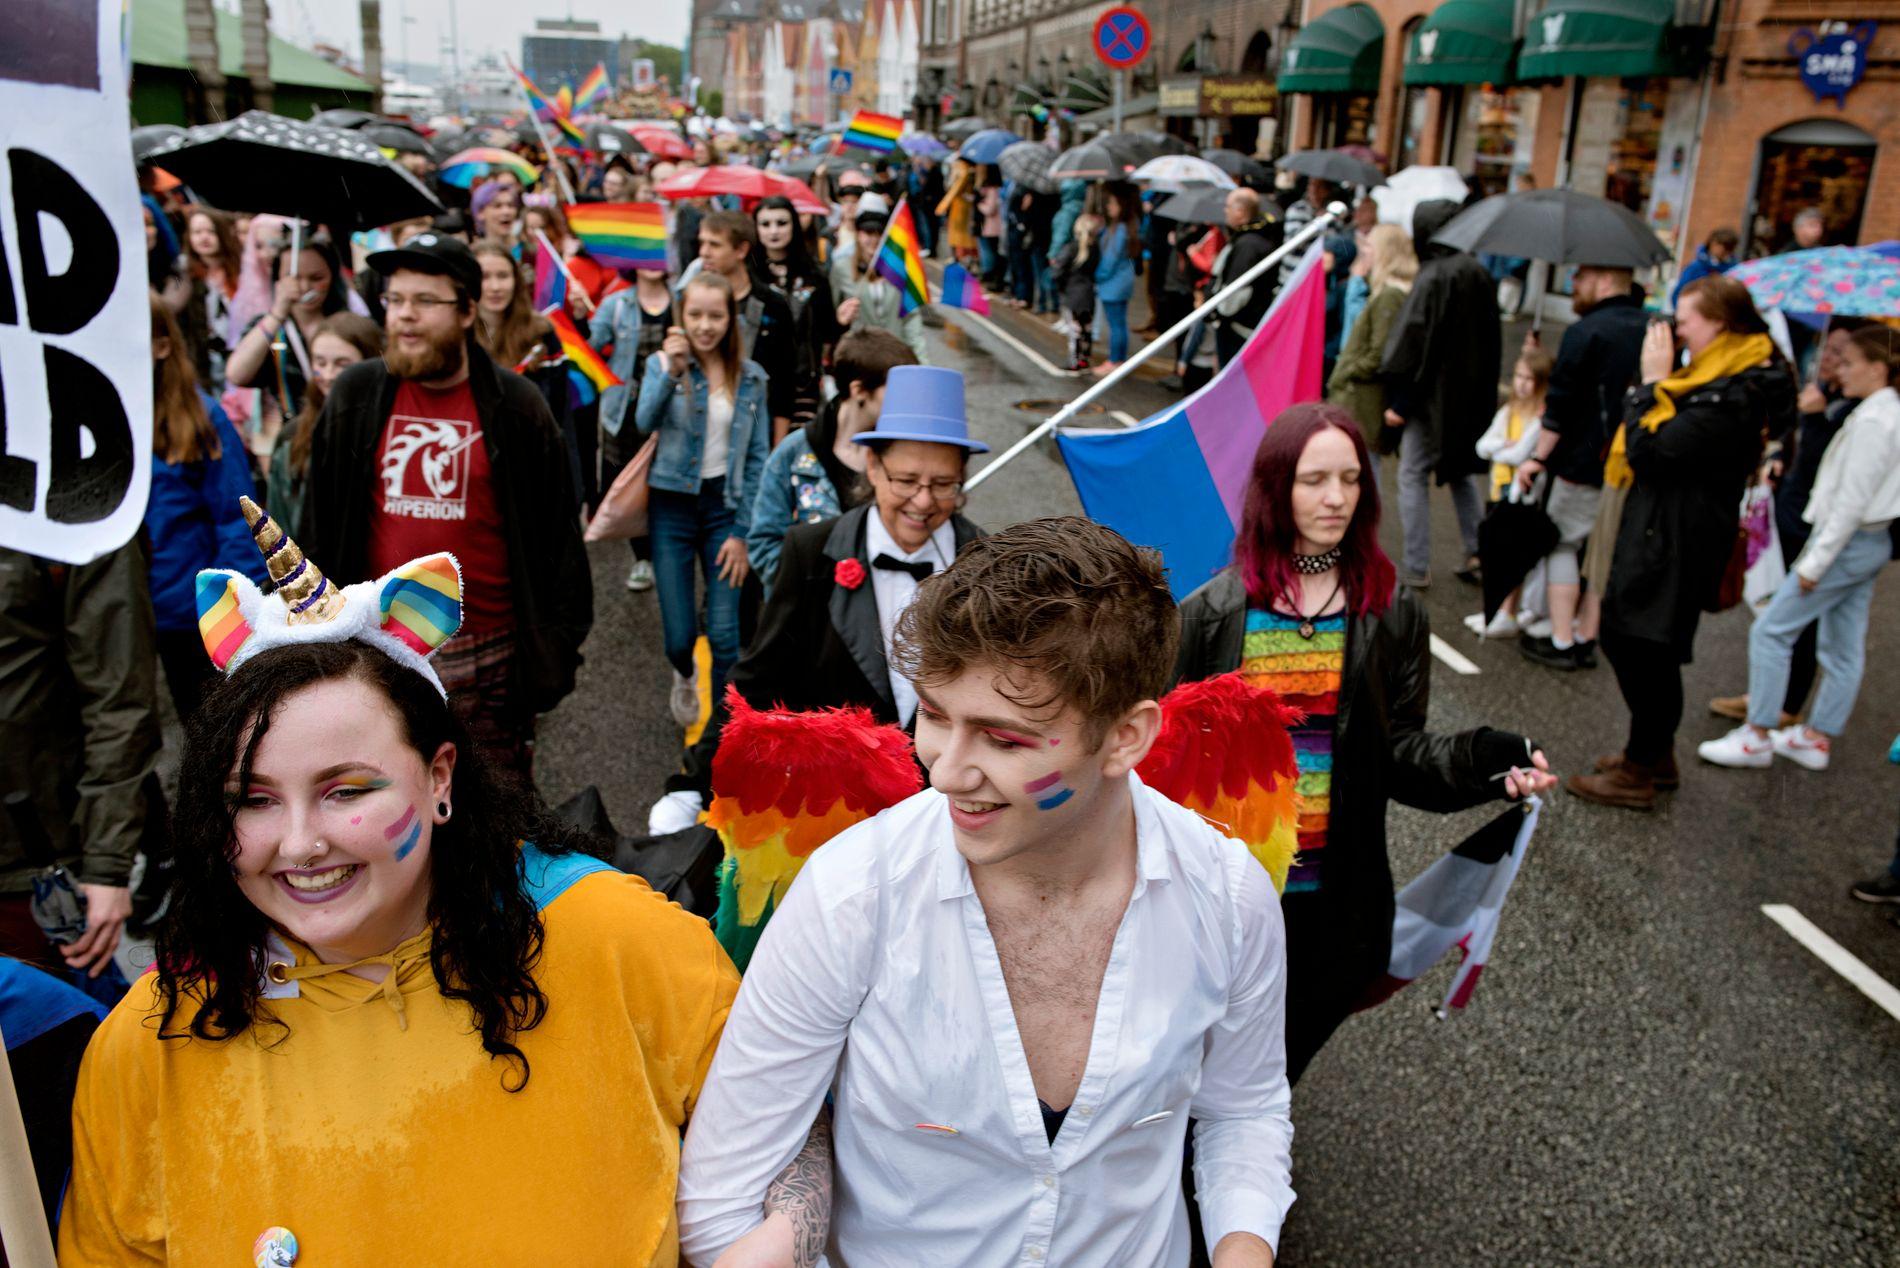 MINORITET: Det å være homofil handler om å være annerledes, tenke på en annen måte, være på en annen måte, skriver Petter Snare. Bildet er fra årets Pride-parade i Bergen.